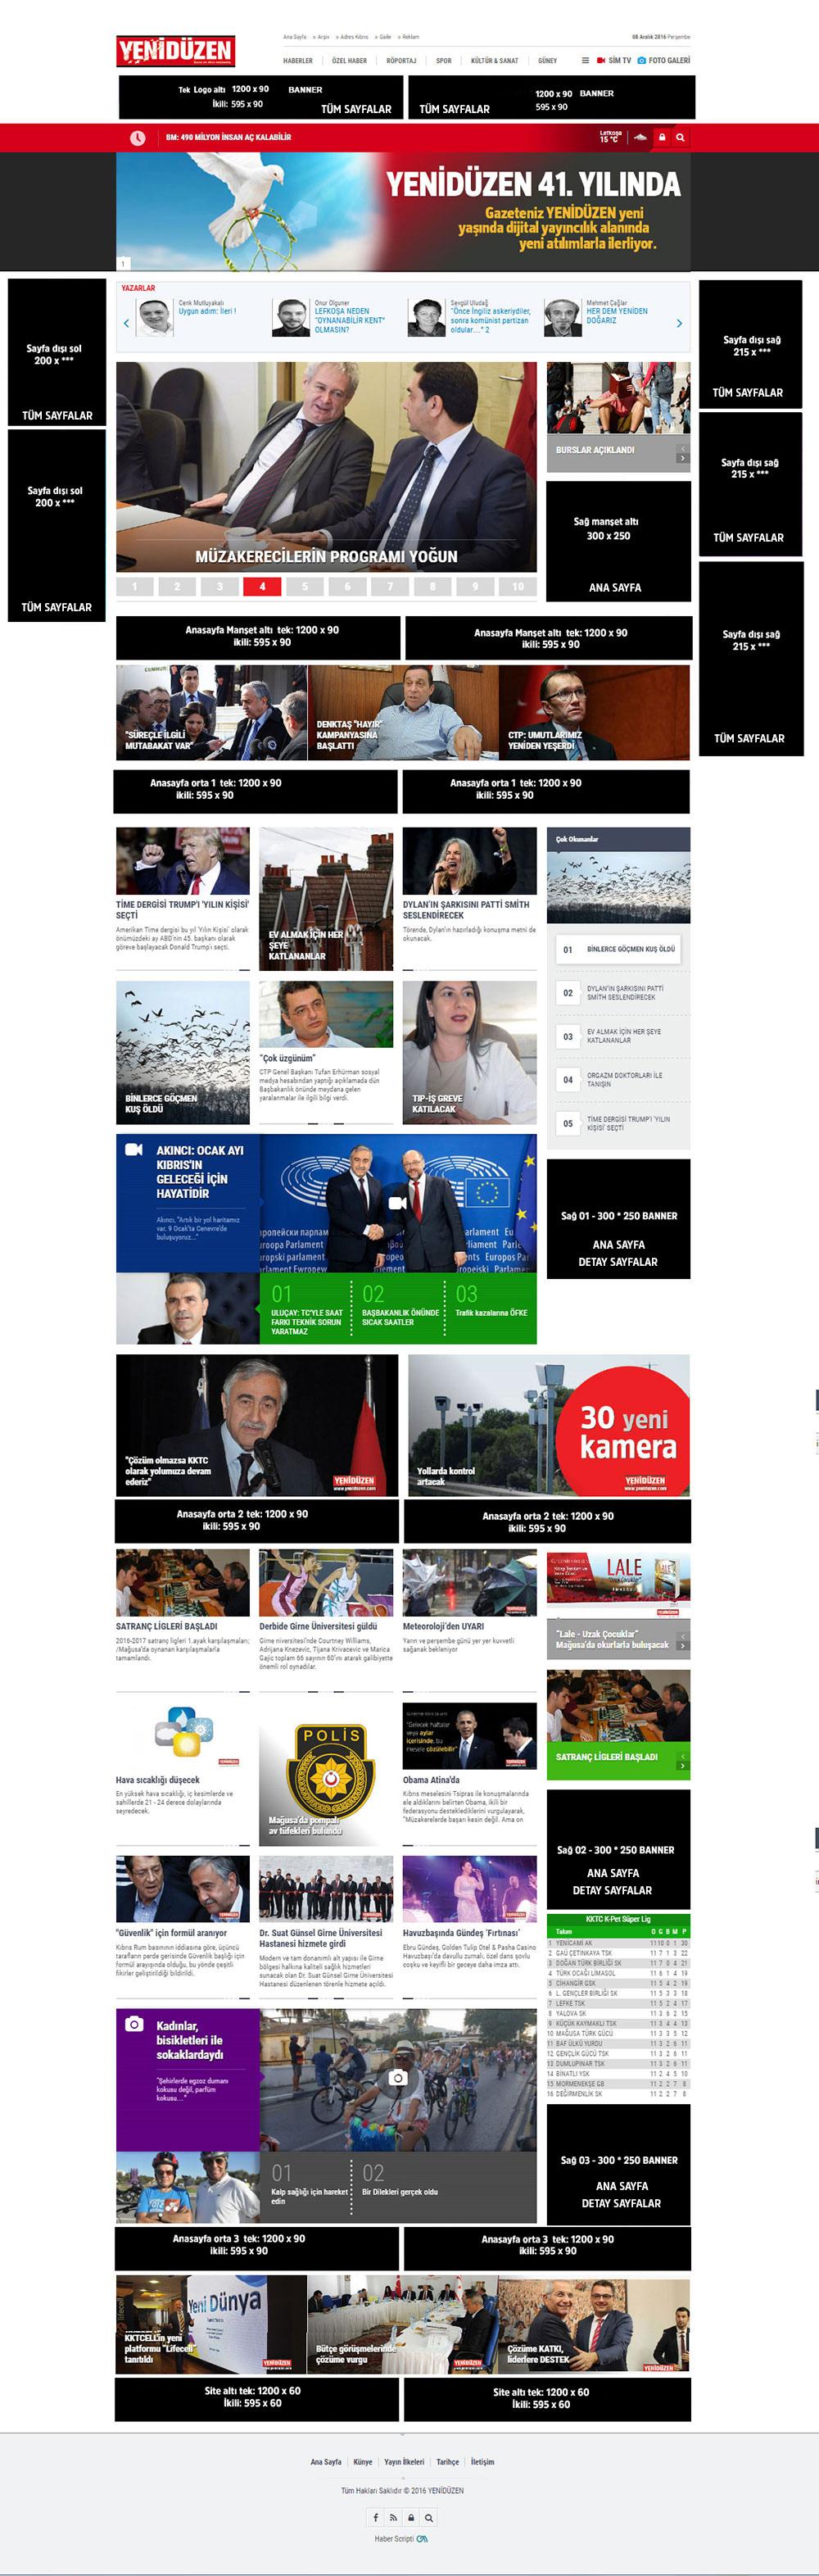 ana-sayfa-reklam.jpg